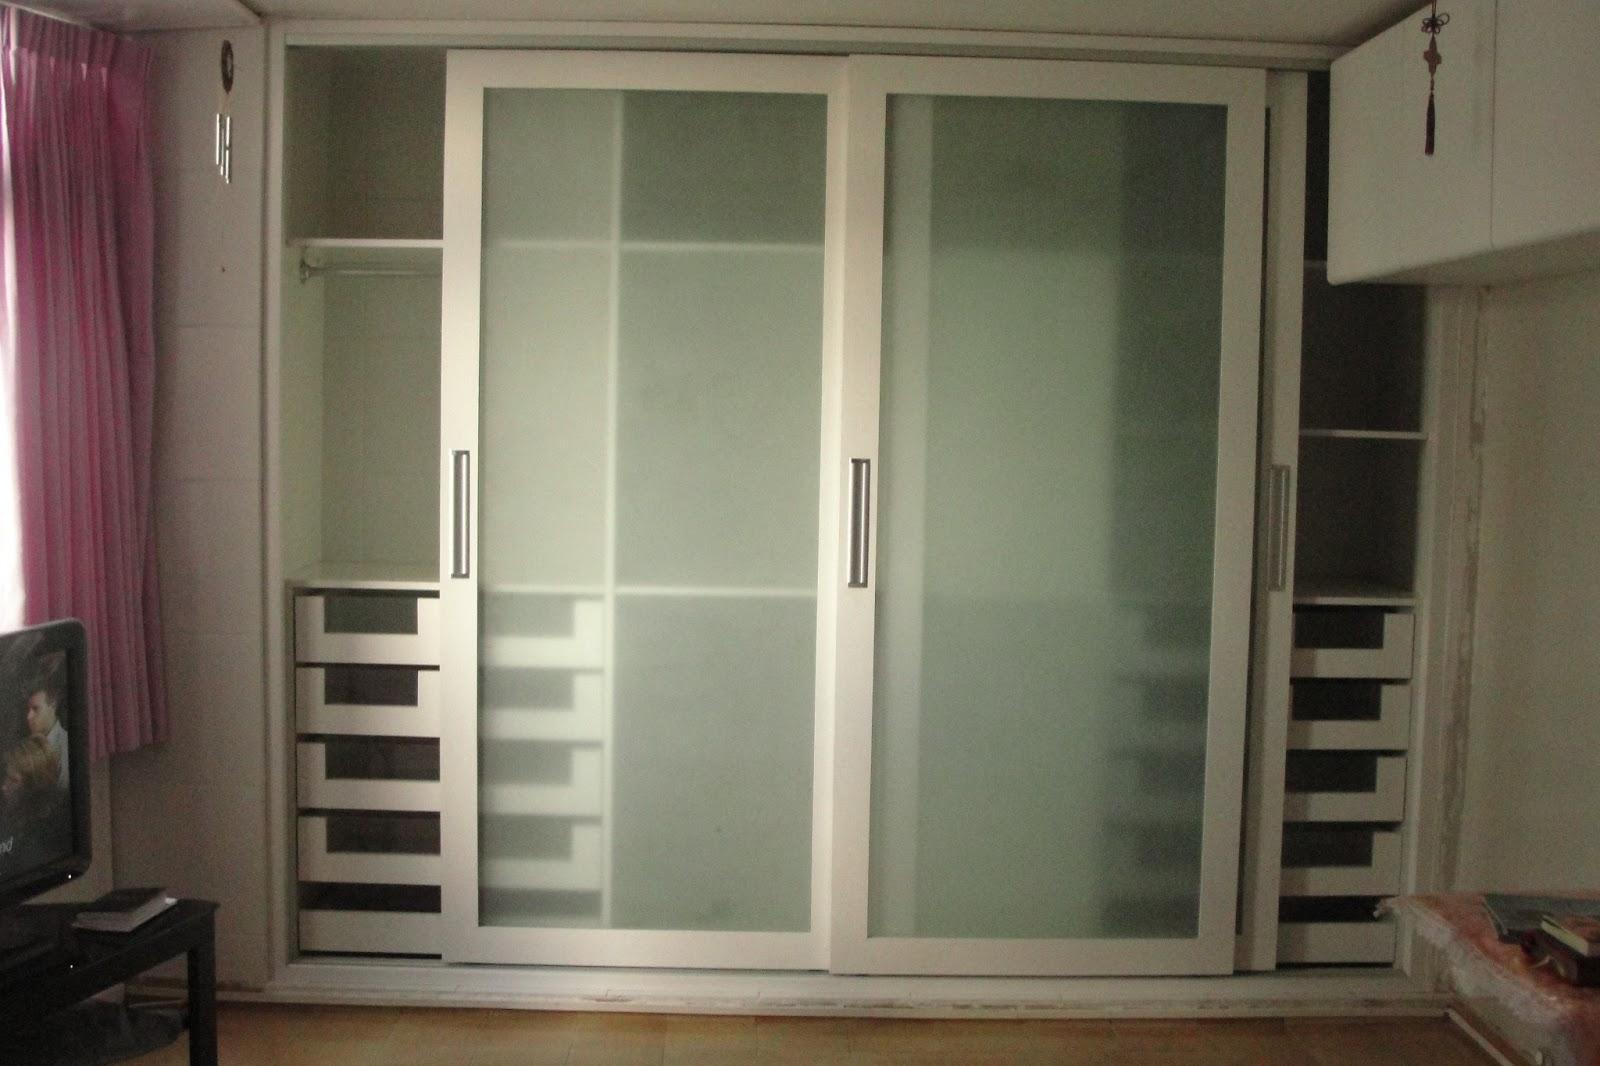 de vidro jateado fica no nosso quarto tem montes de gavetas #7E754D 1600x1066